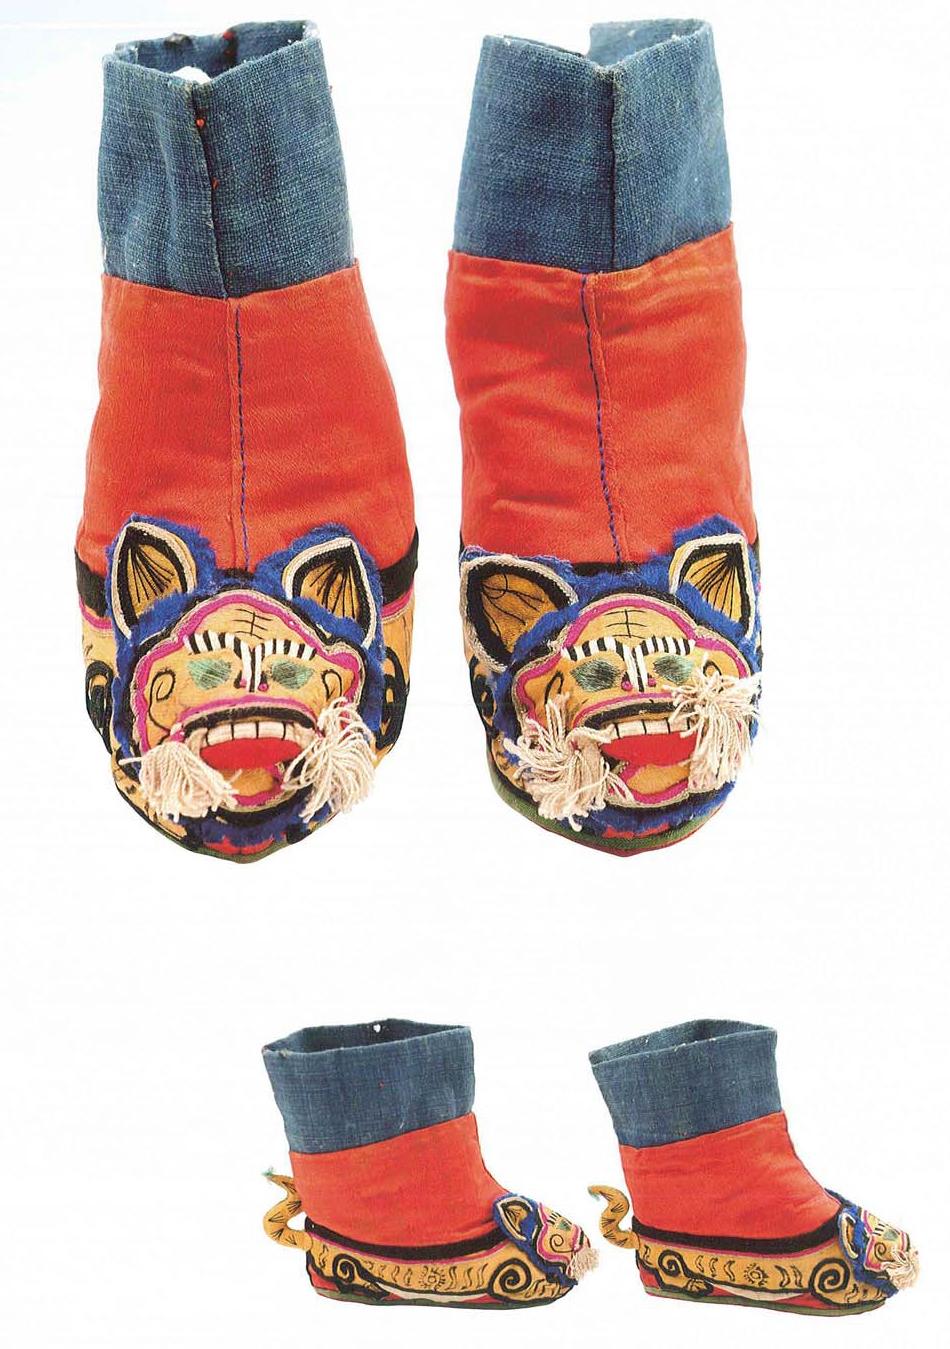 6虎纹婴儿靴 民国.jpg